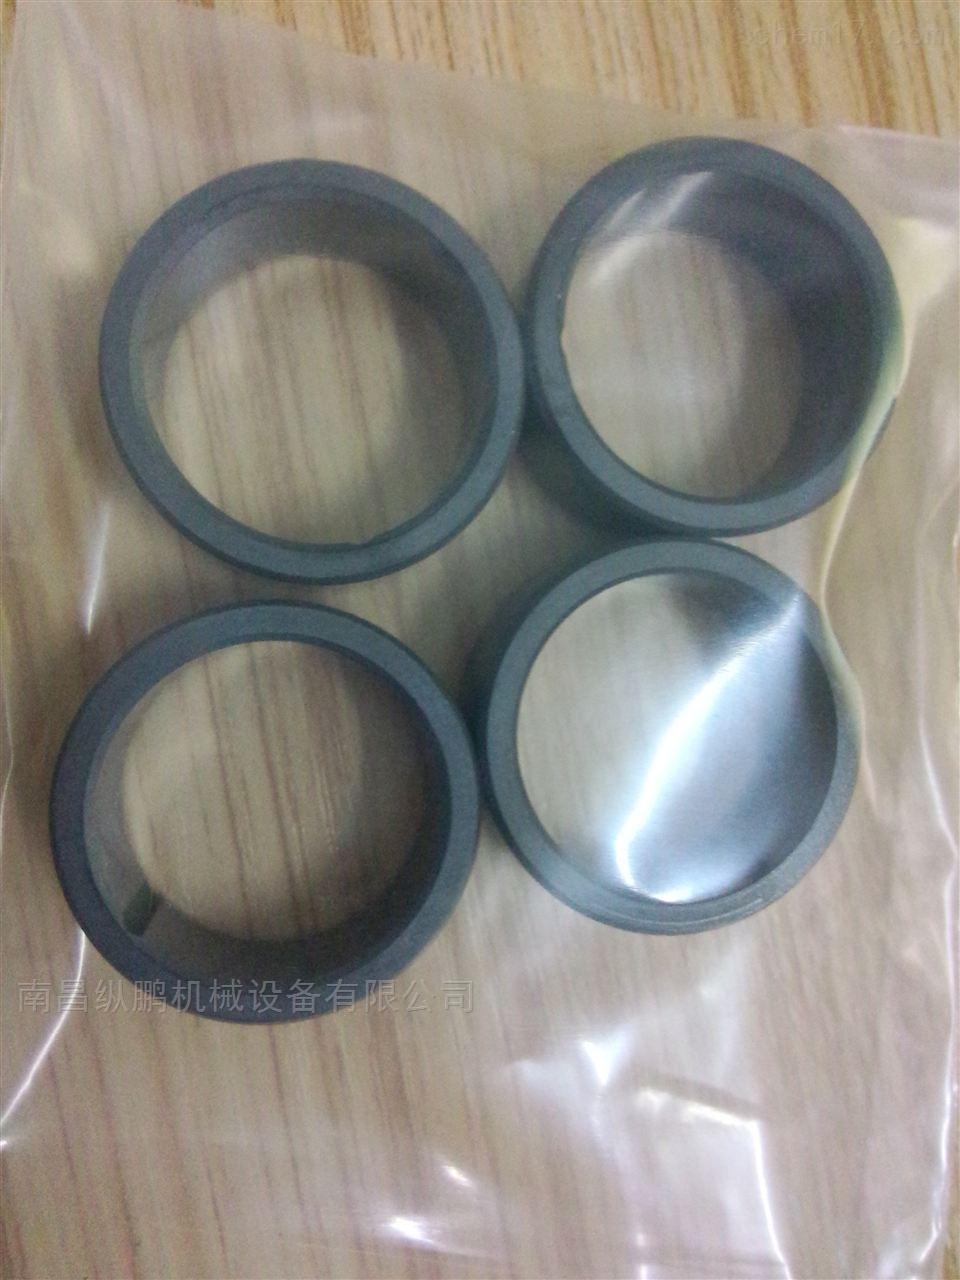 爱发科VDN901真空泵陶瓷轴承配件